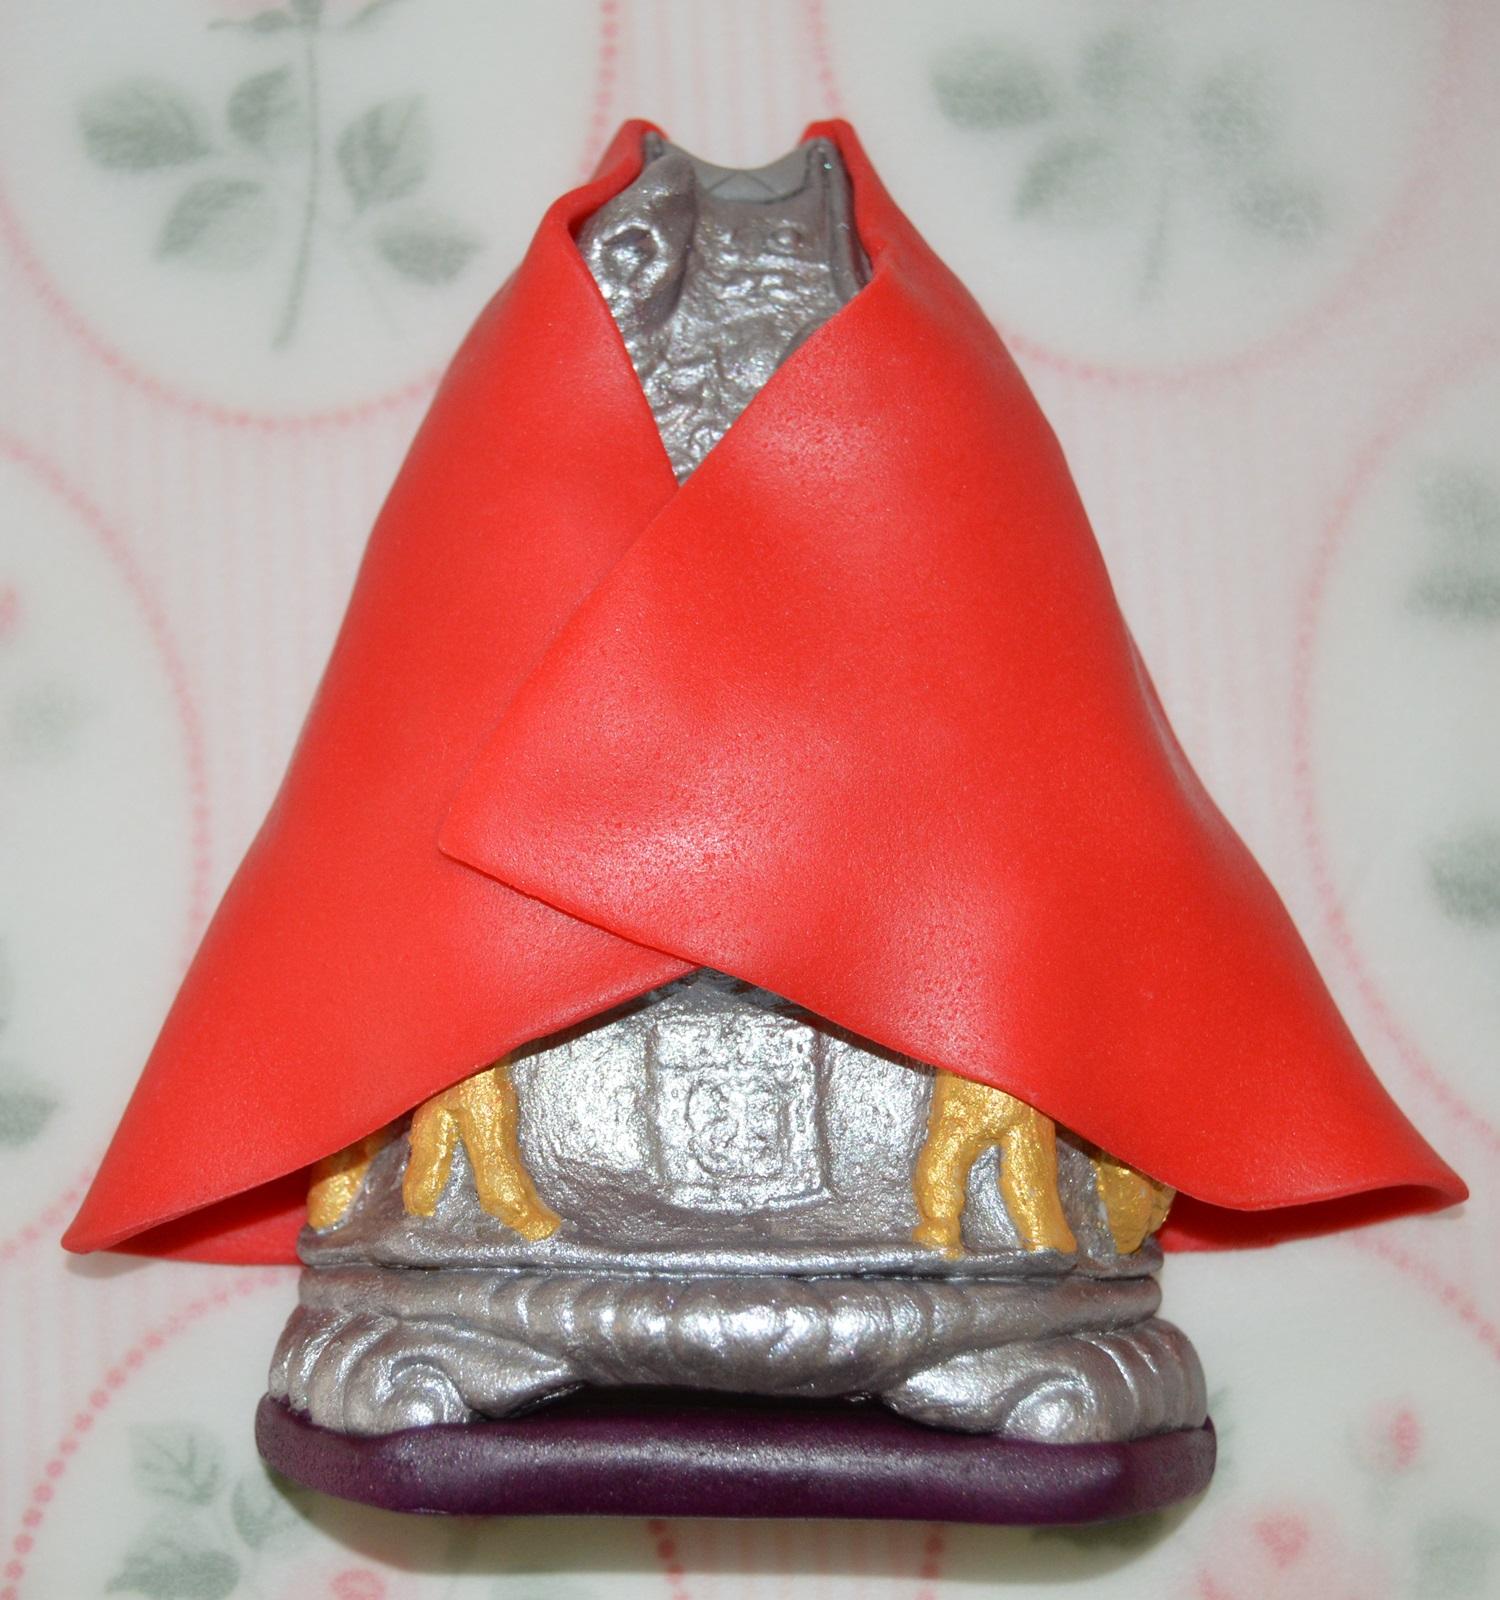 Capa del santo sin pintar. Aroma de chocolate